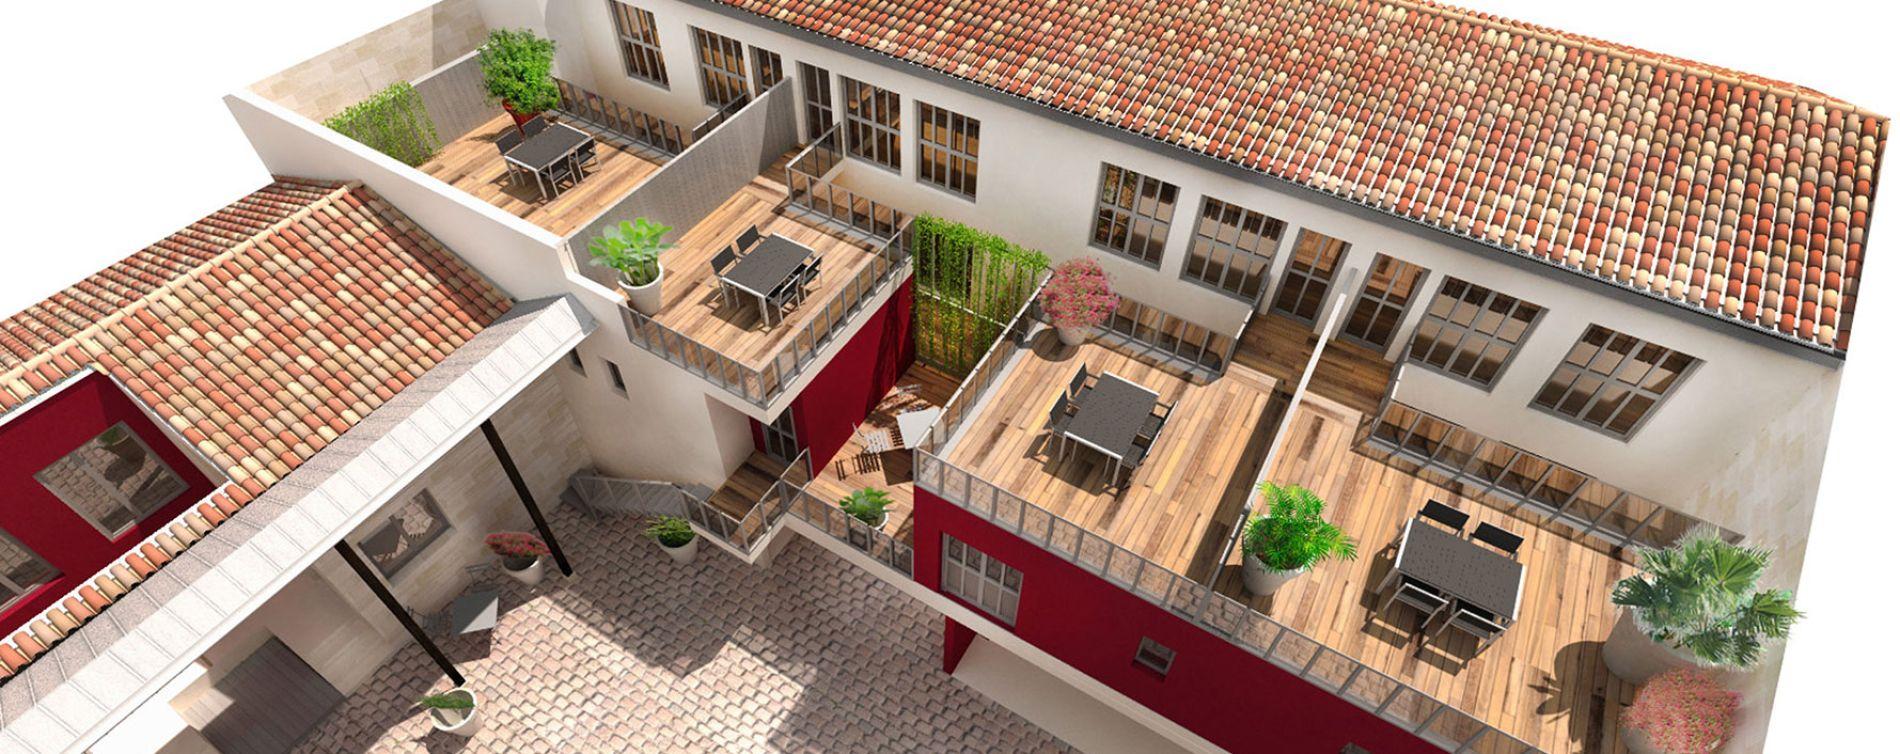 Le clos de la bastide bordeaux programme immobilier neuf for Achat appartement bordeaux bastide